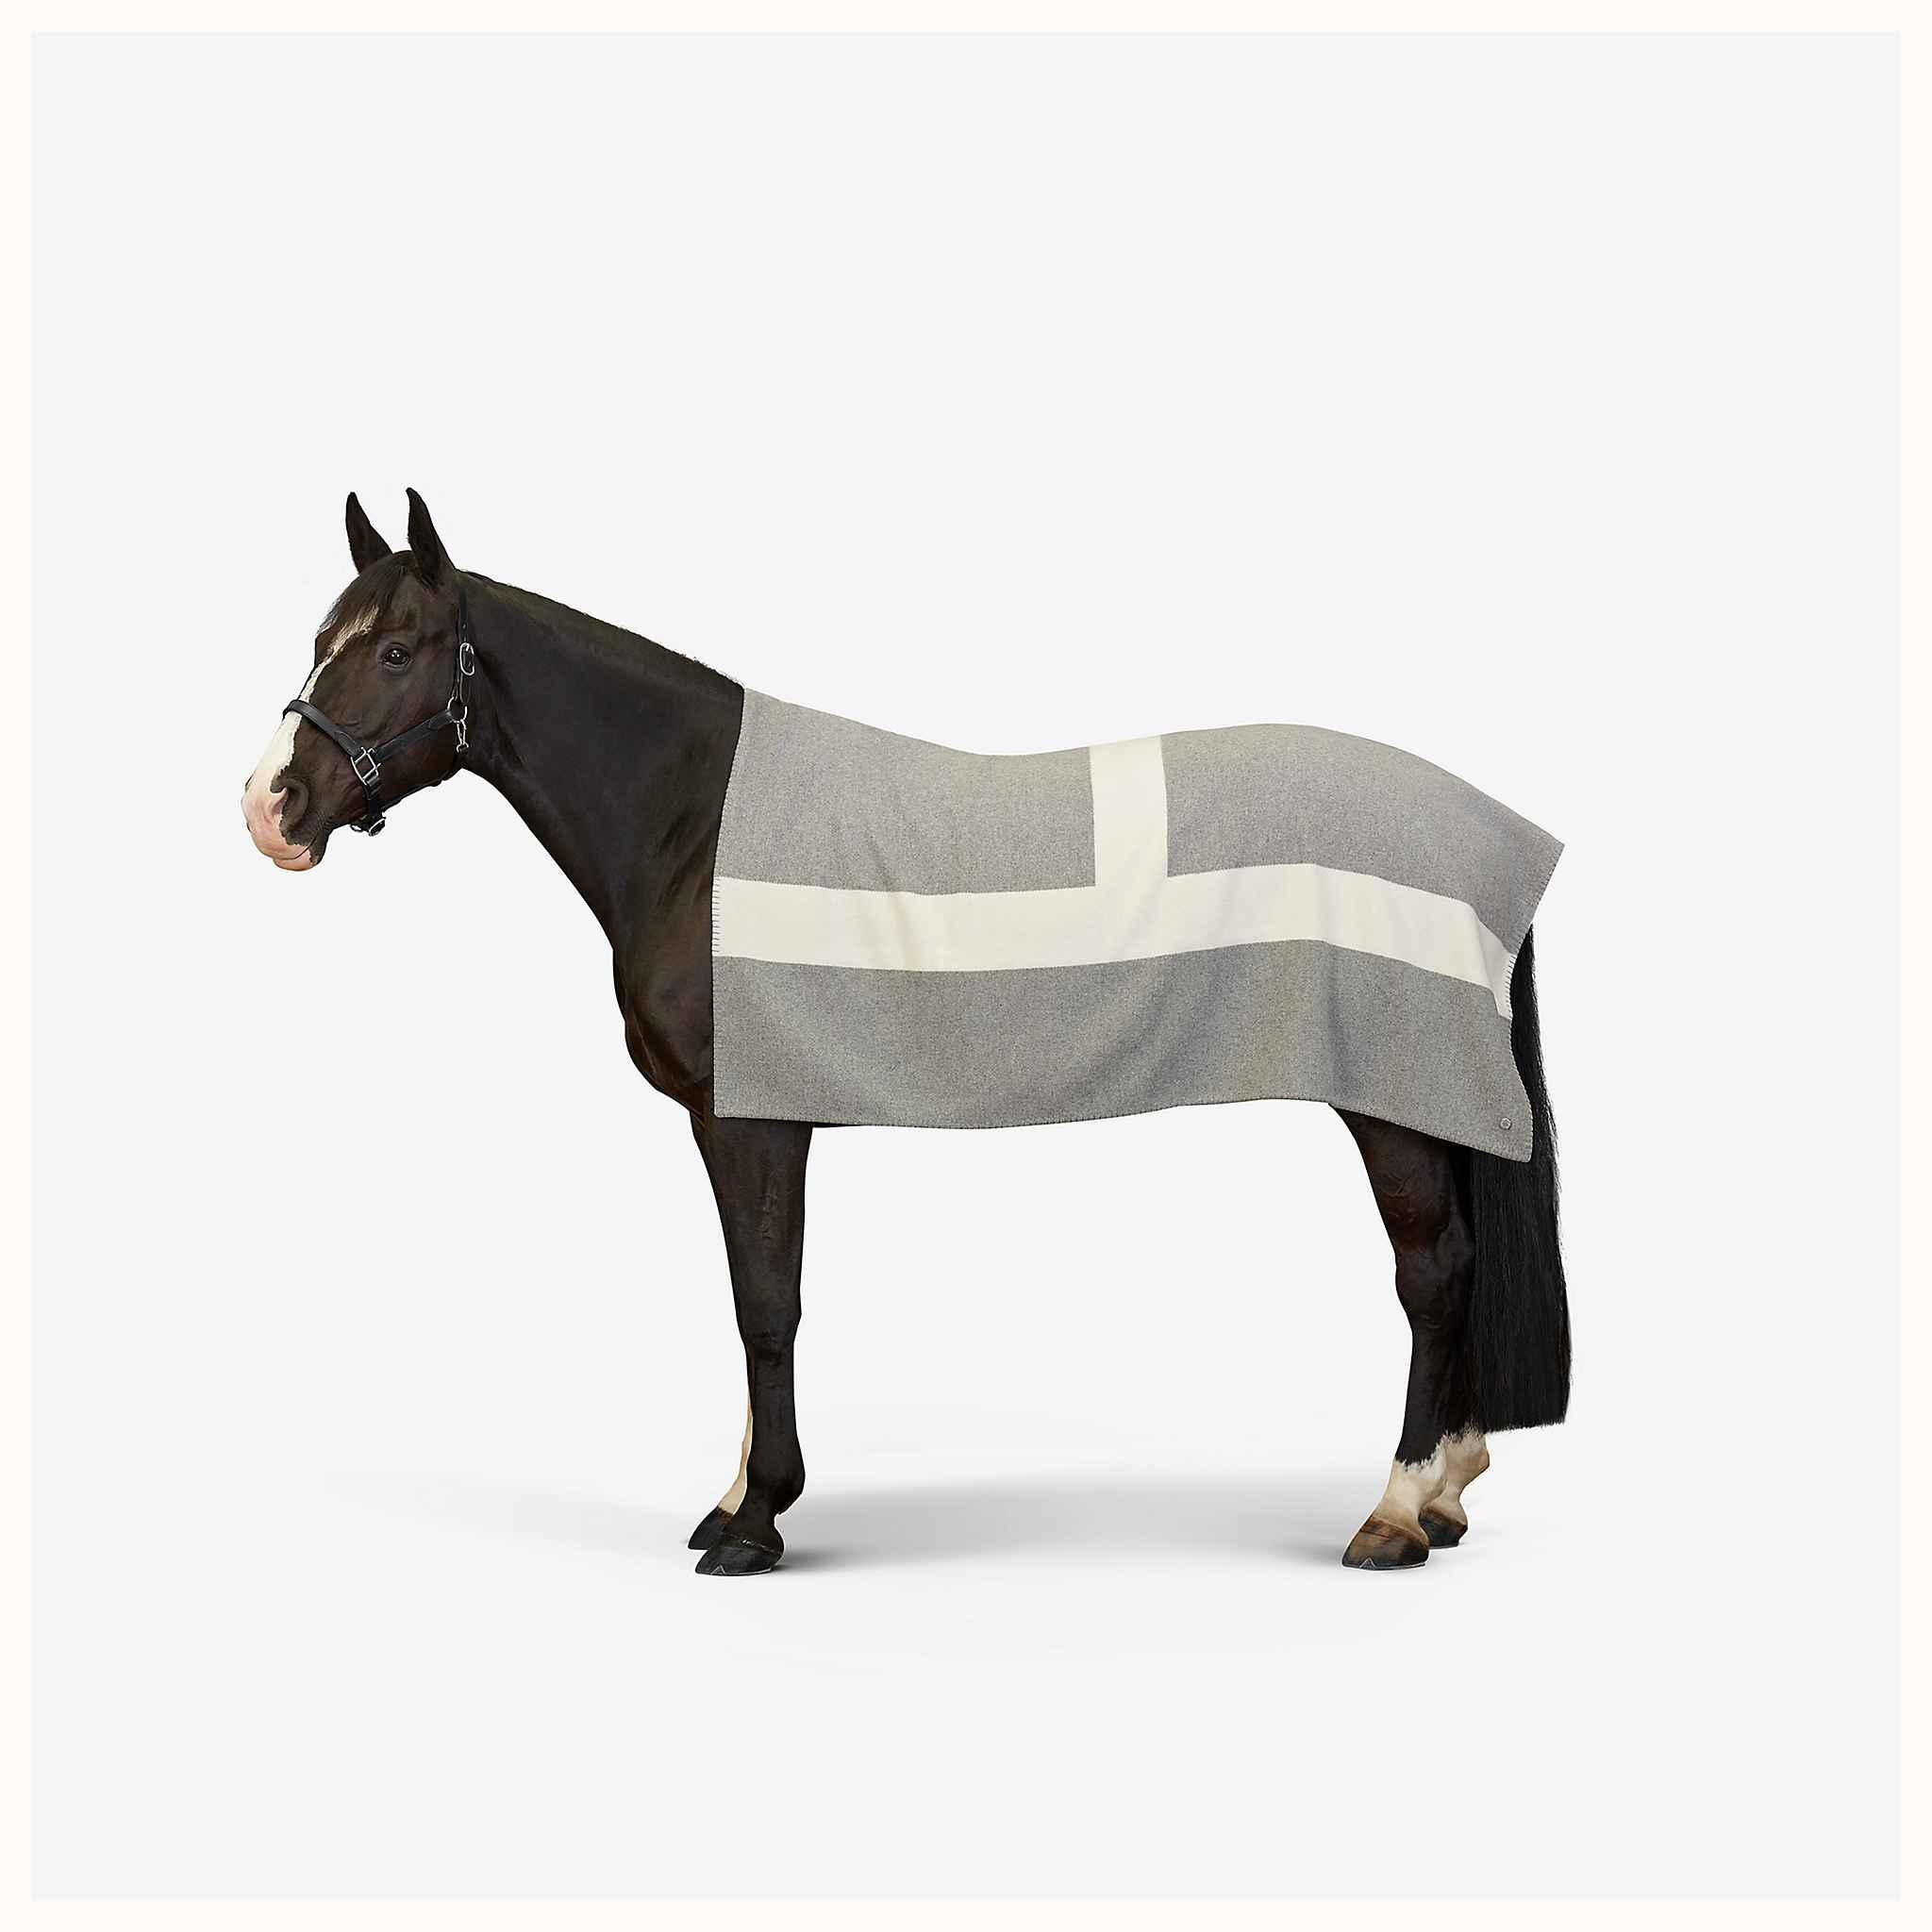 Hermes avoine-blanket--700079E 03-worn-2-50-0-2048-2048-q40_b.jpg